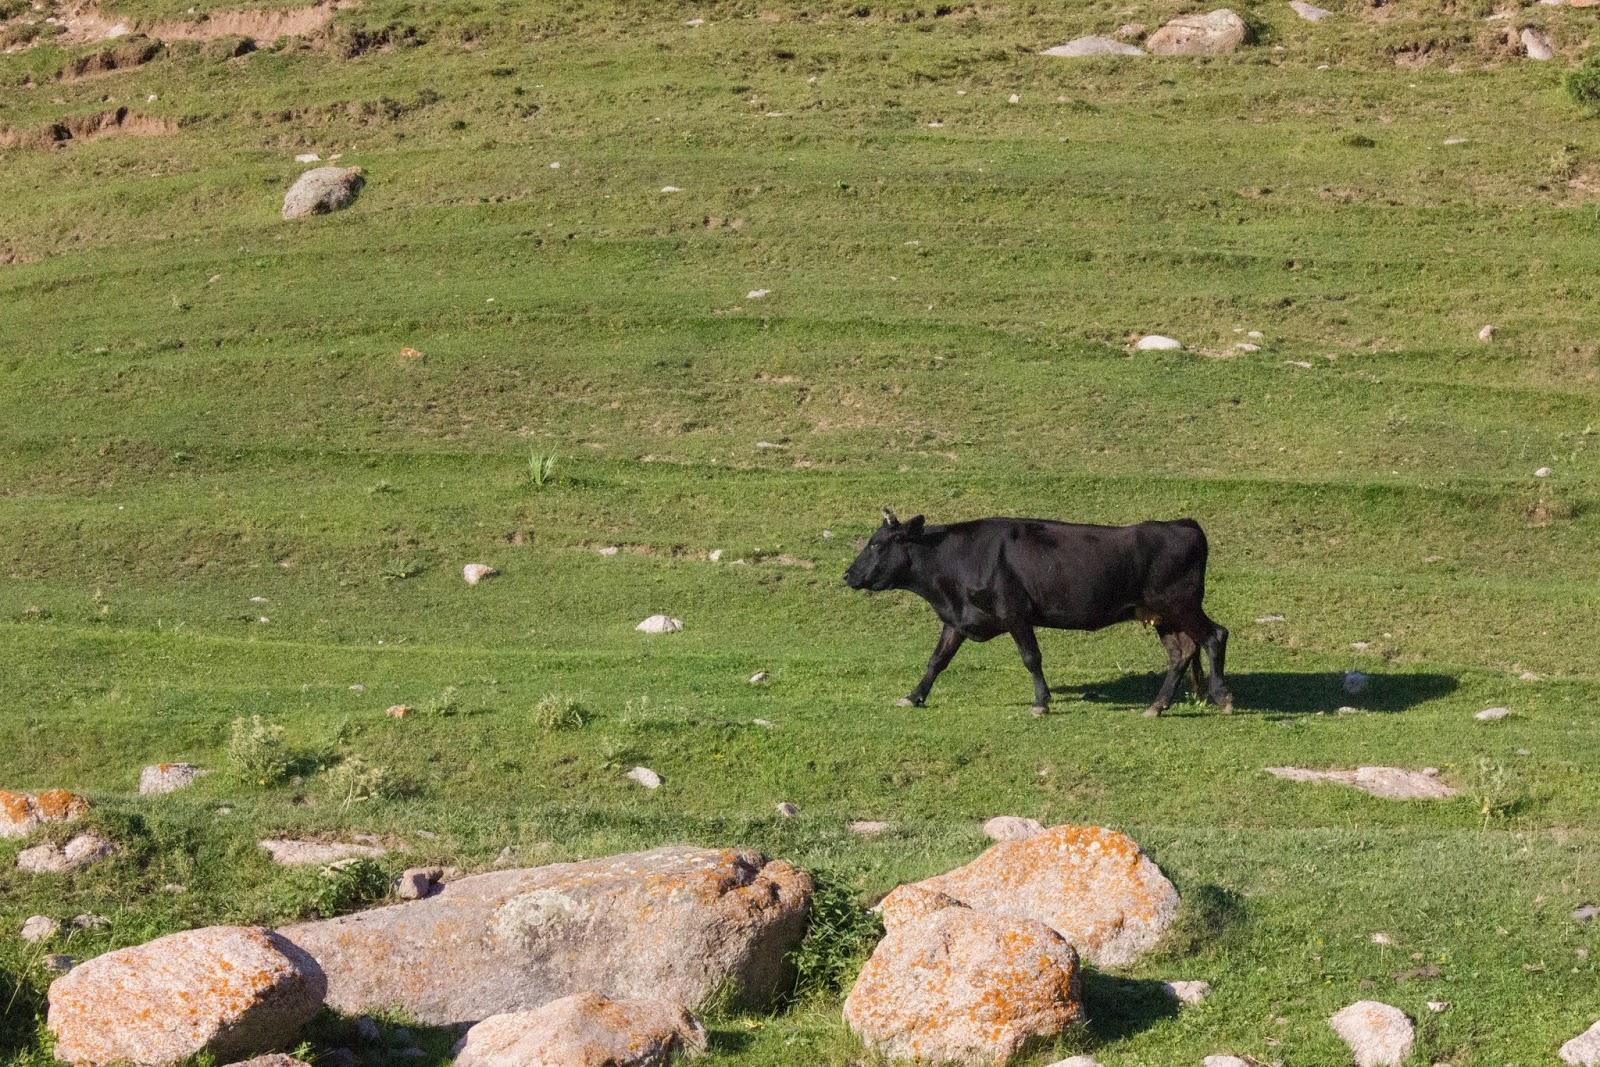 Кыргызстан, Джеты-Огуз, Иссык-Куль, бык